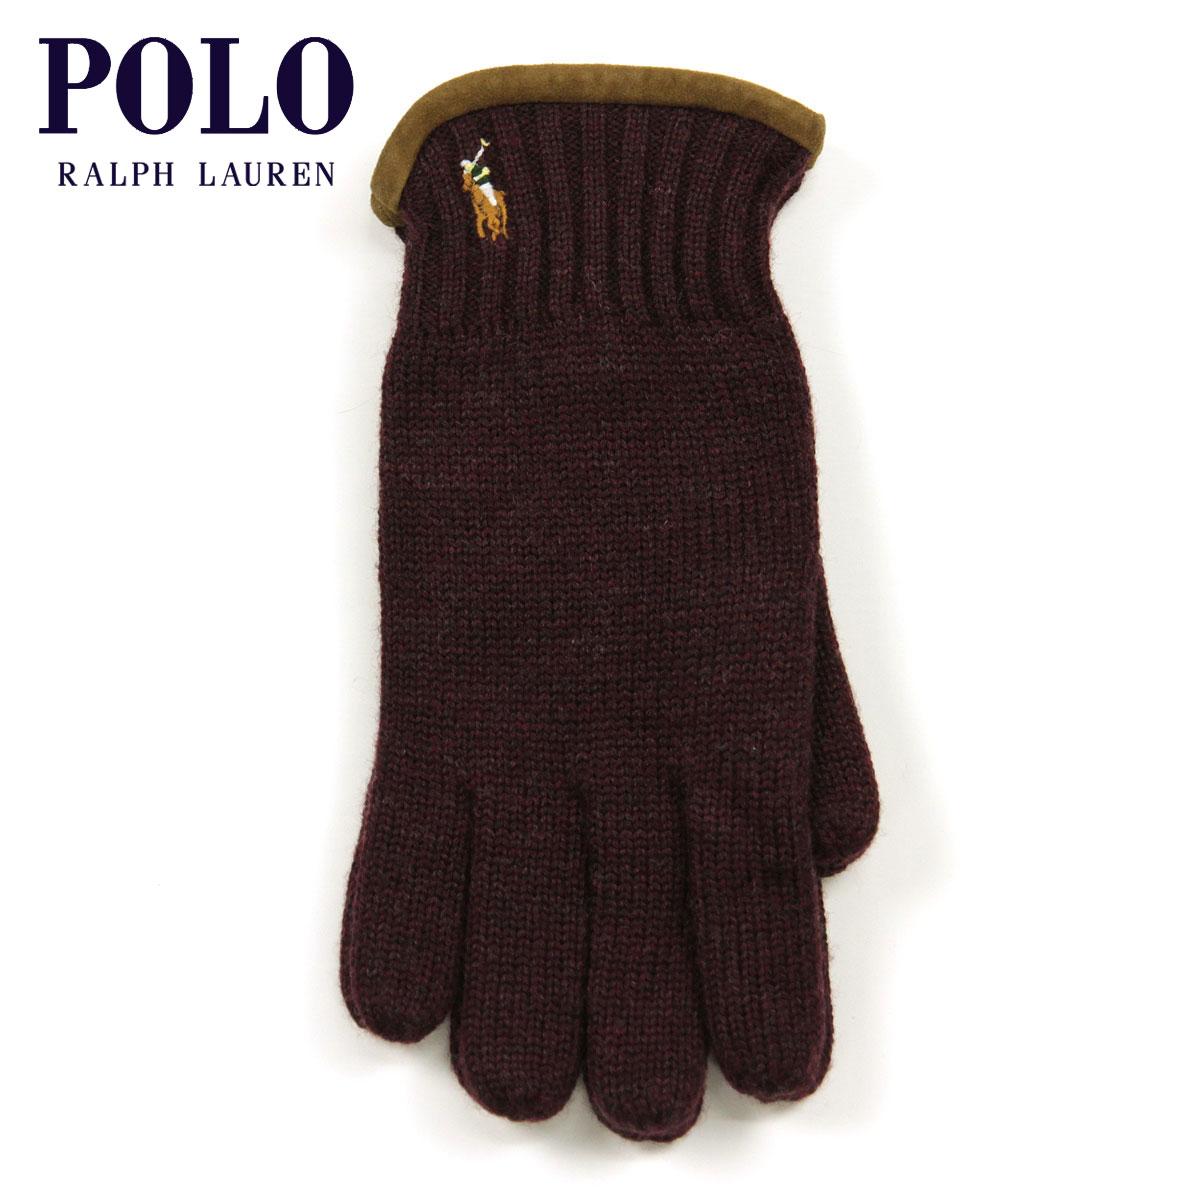 【販売期間 8/10 13:00~8/16 9:59】 ポロ ラルフローレン POLO RALPH LAUREN 正規品 手袋 Classic Merino Gloves BURGUNDY